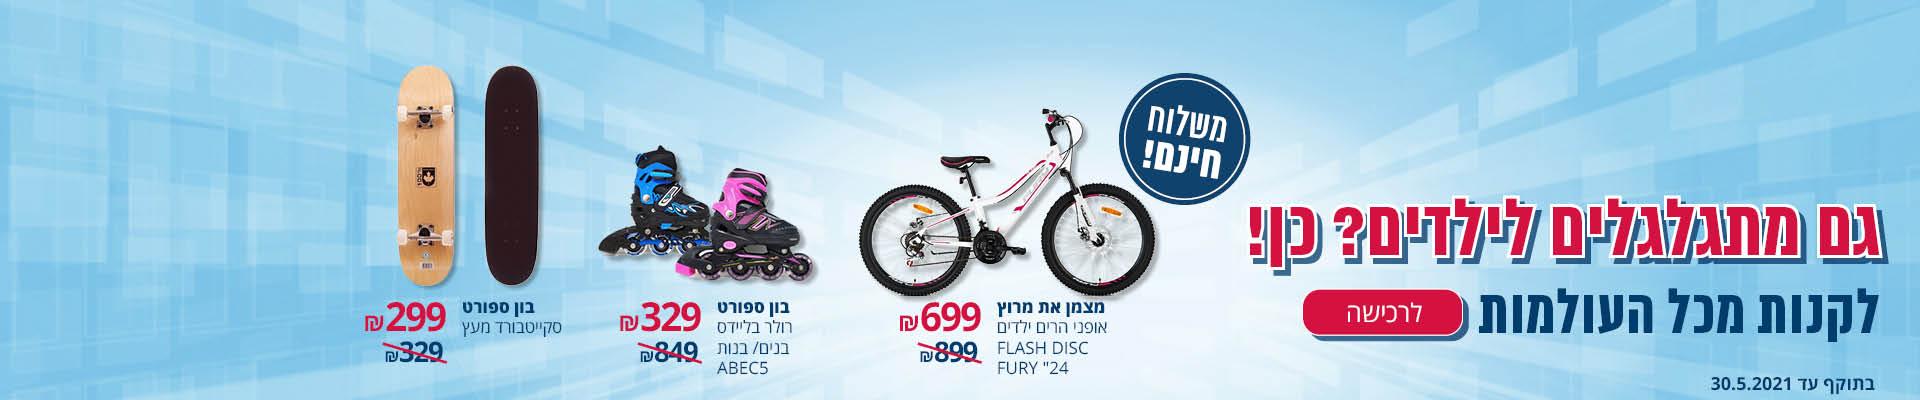 גם מתגלגלים לילדים? כן! לקנות מכל העולמות מצמן את מרוץ אופני הרים ילדים FLASH DISC 699 ₪ בו ספורט רולר בליידס בנים/בנות ABEC5 329 ₪ בון ספורט סקייטבורד מעץ 299 ₪ משלוח חינם לרכישה בתוקף עד 30.5.2021